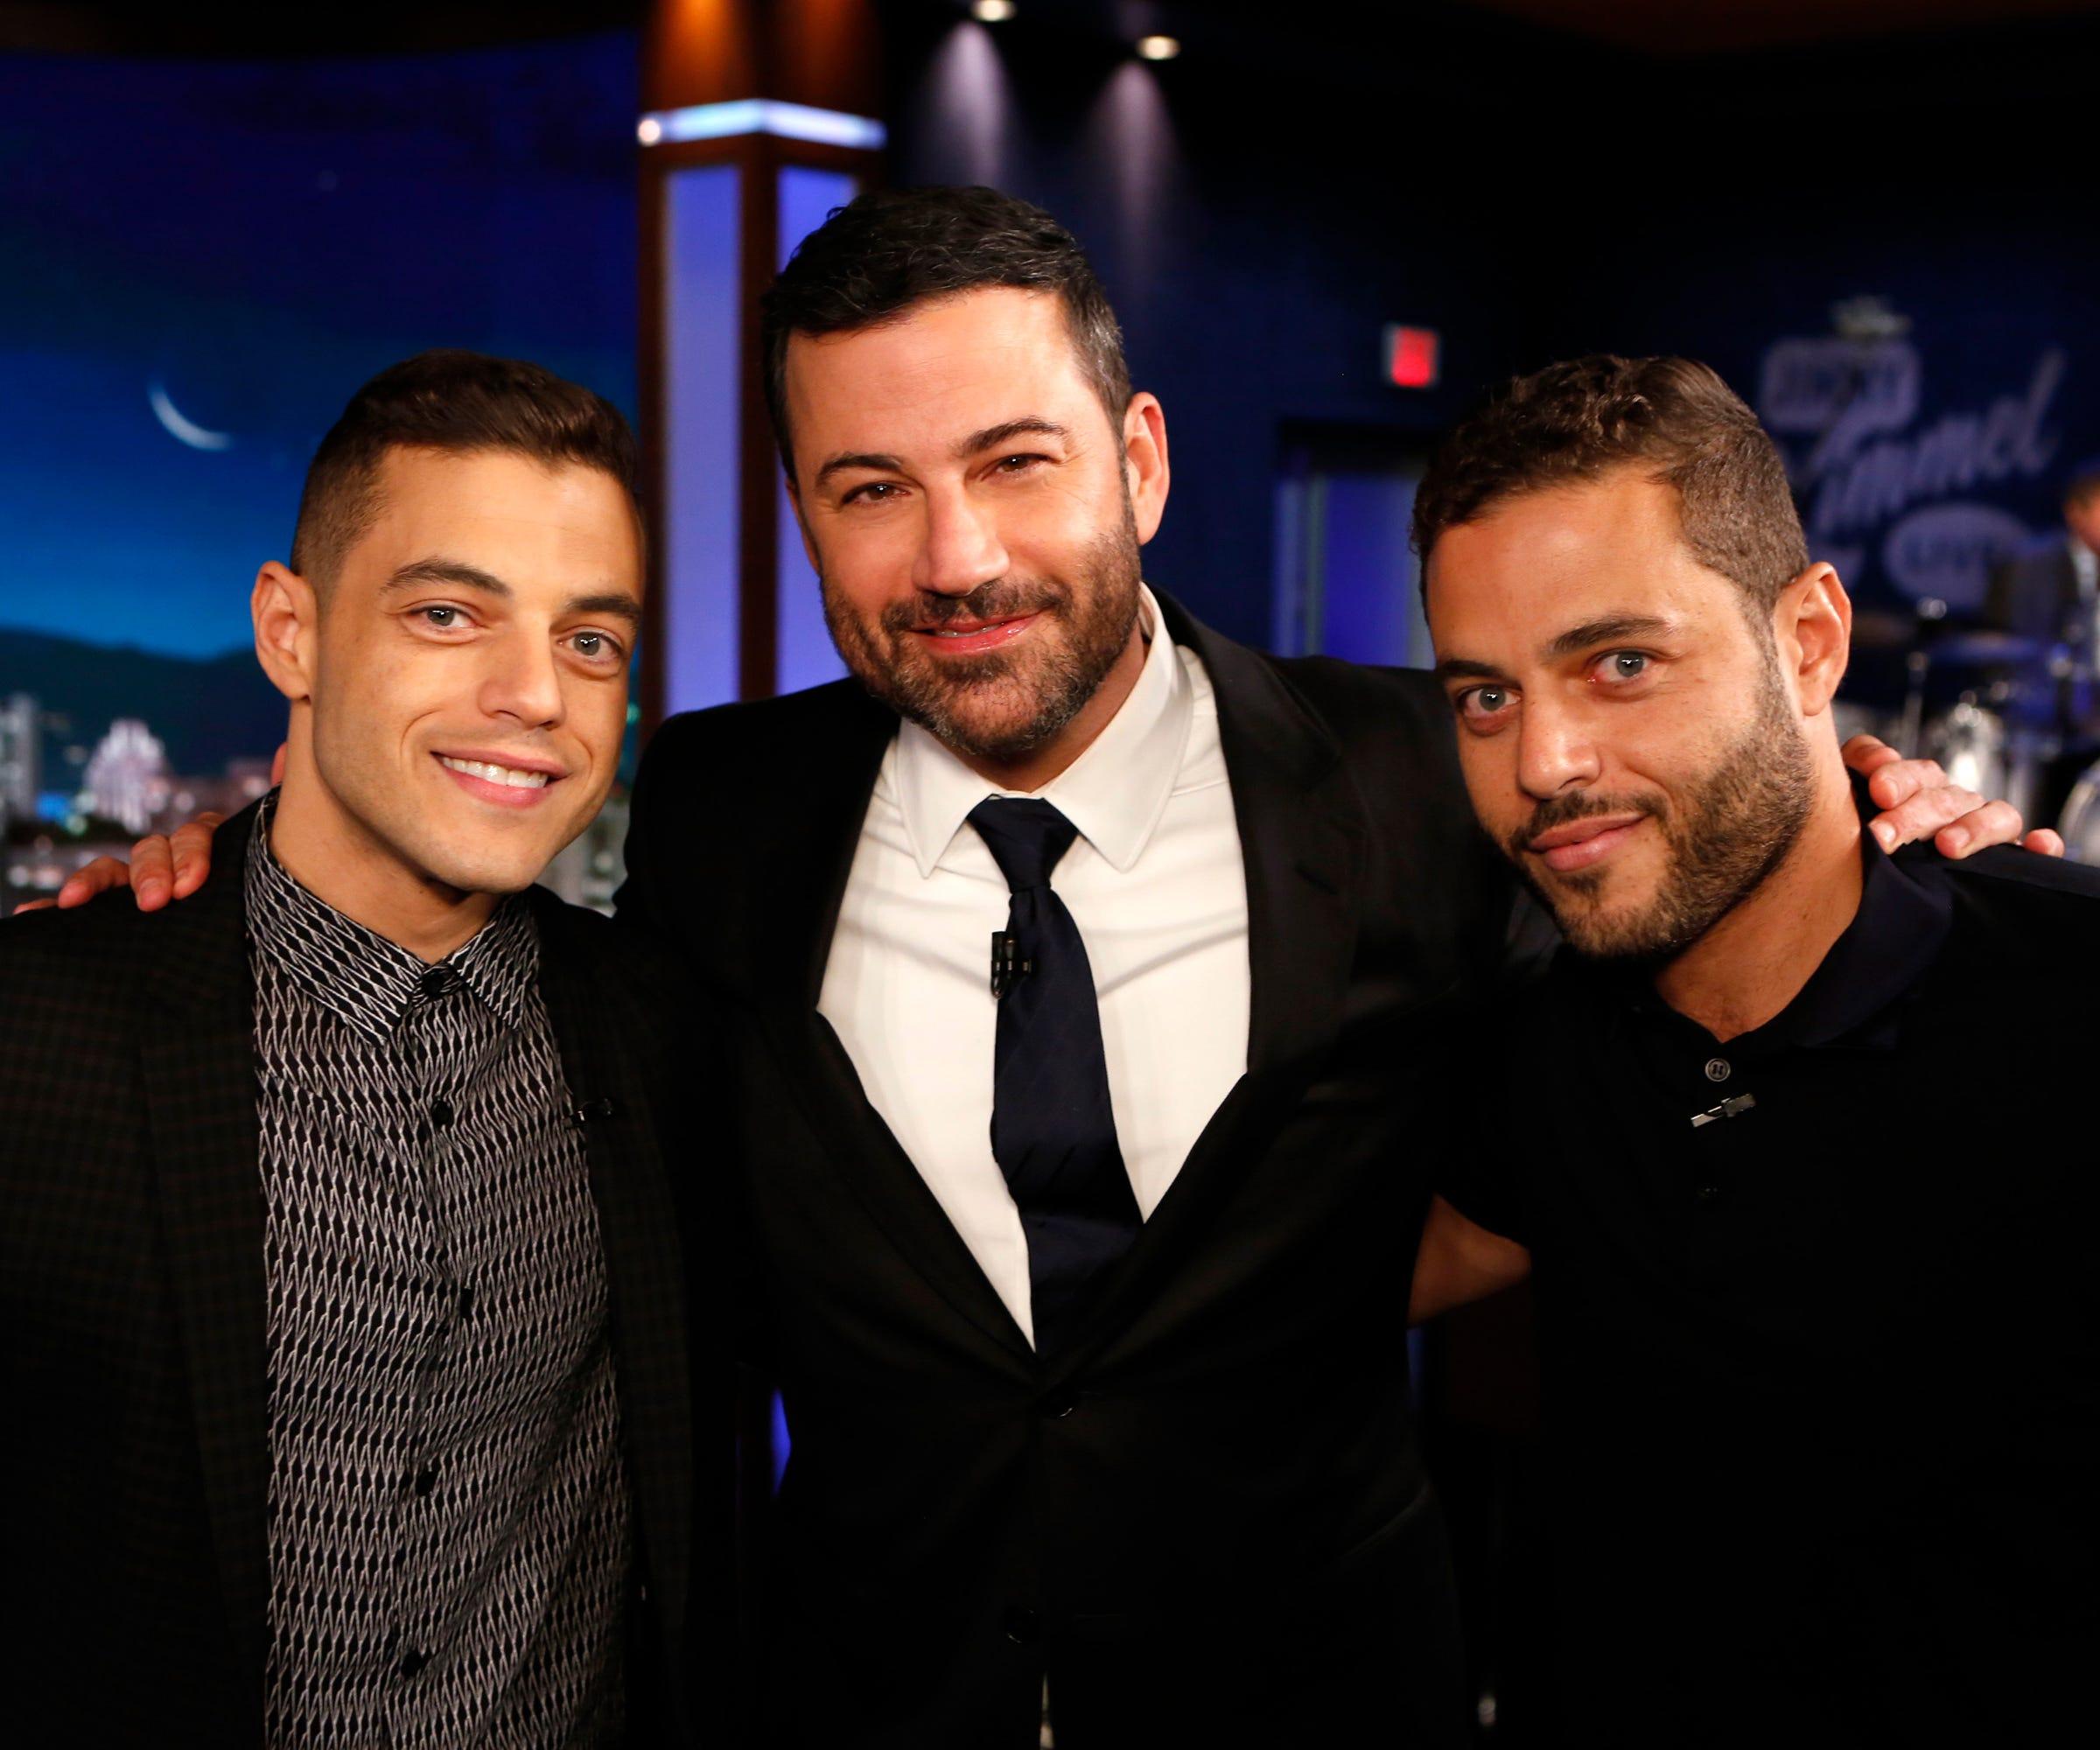 Is Rami Malek Twin Brother His Oscars Date